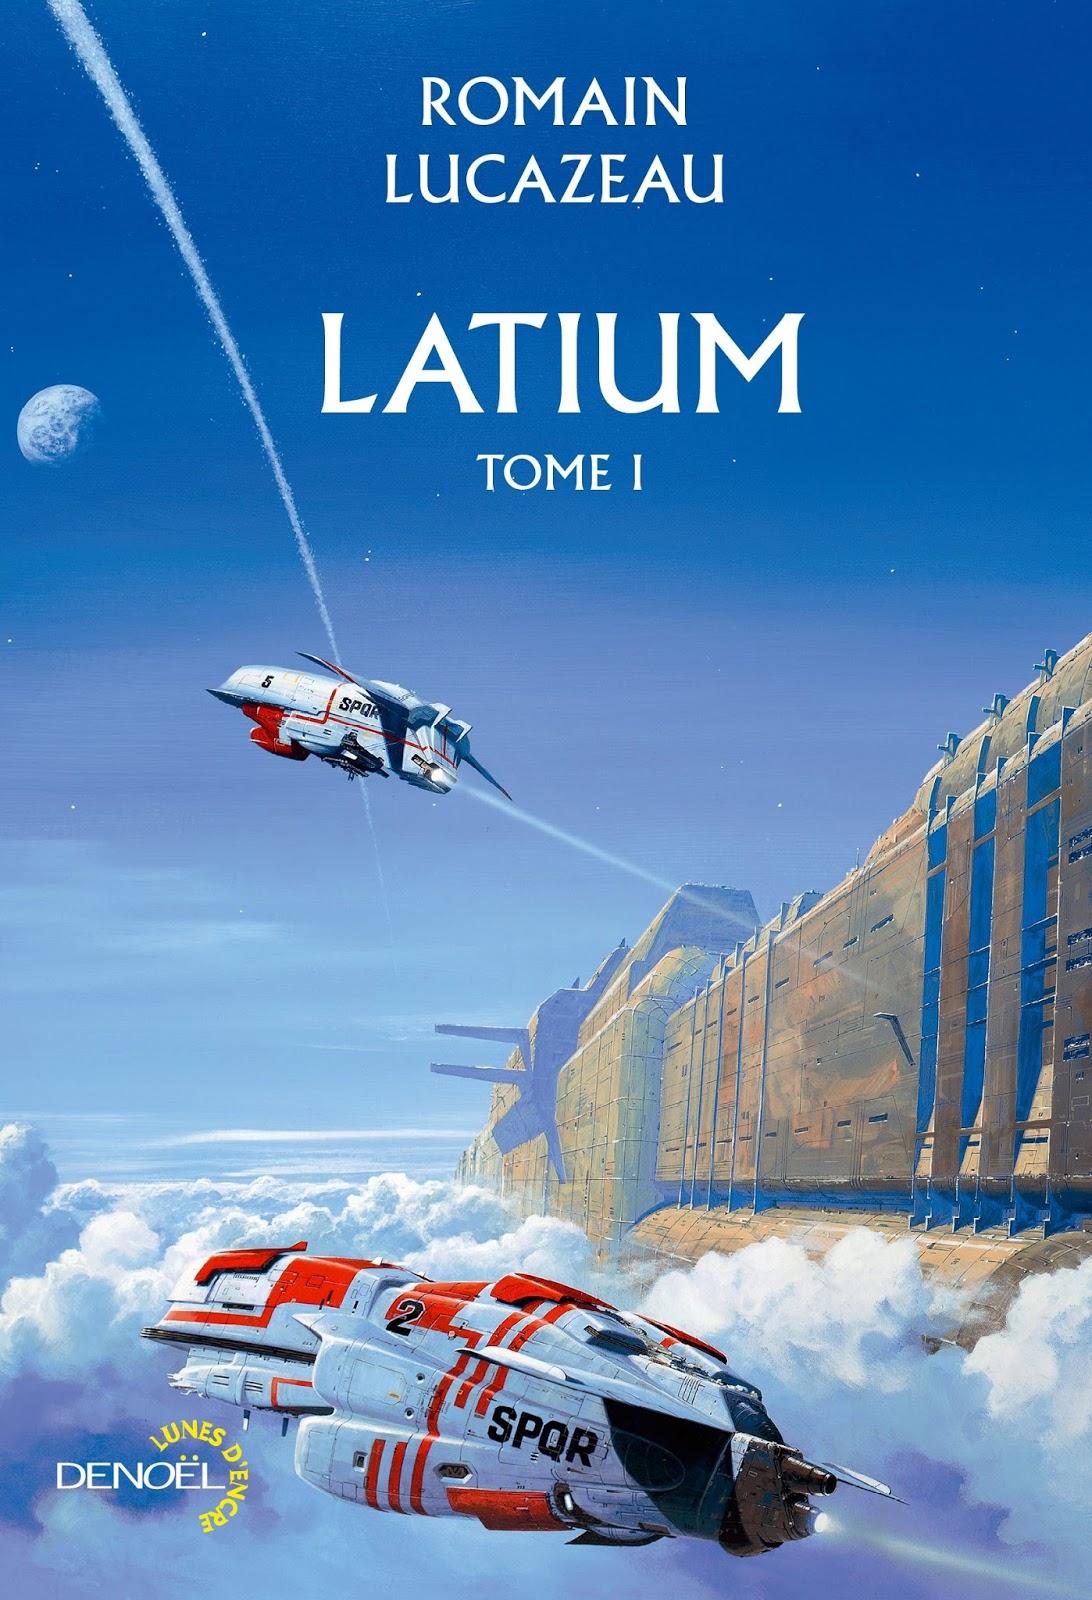 latium romain lucazeau - Latium